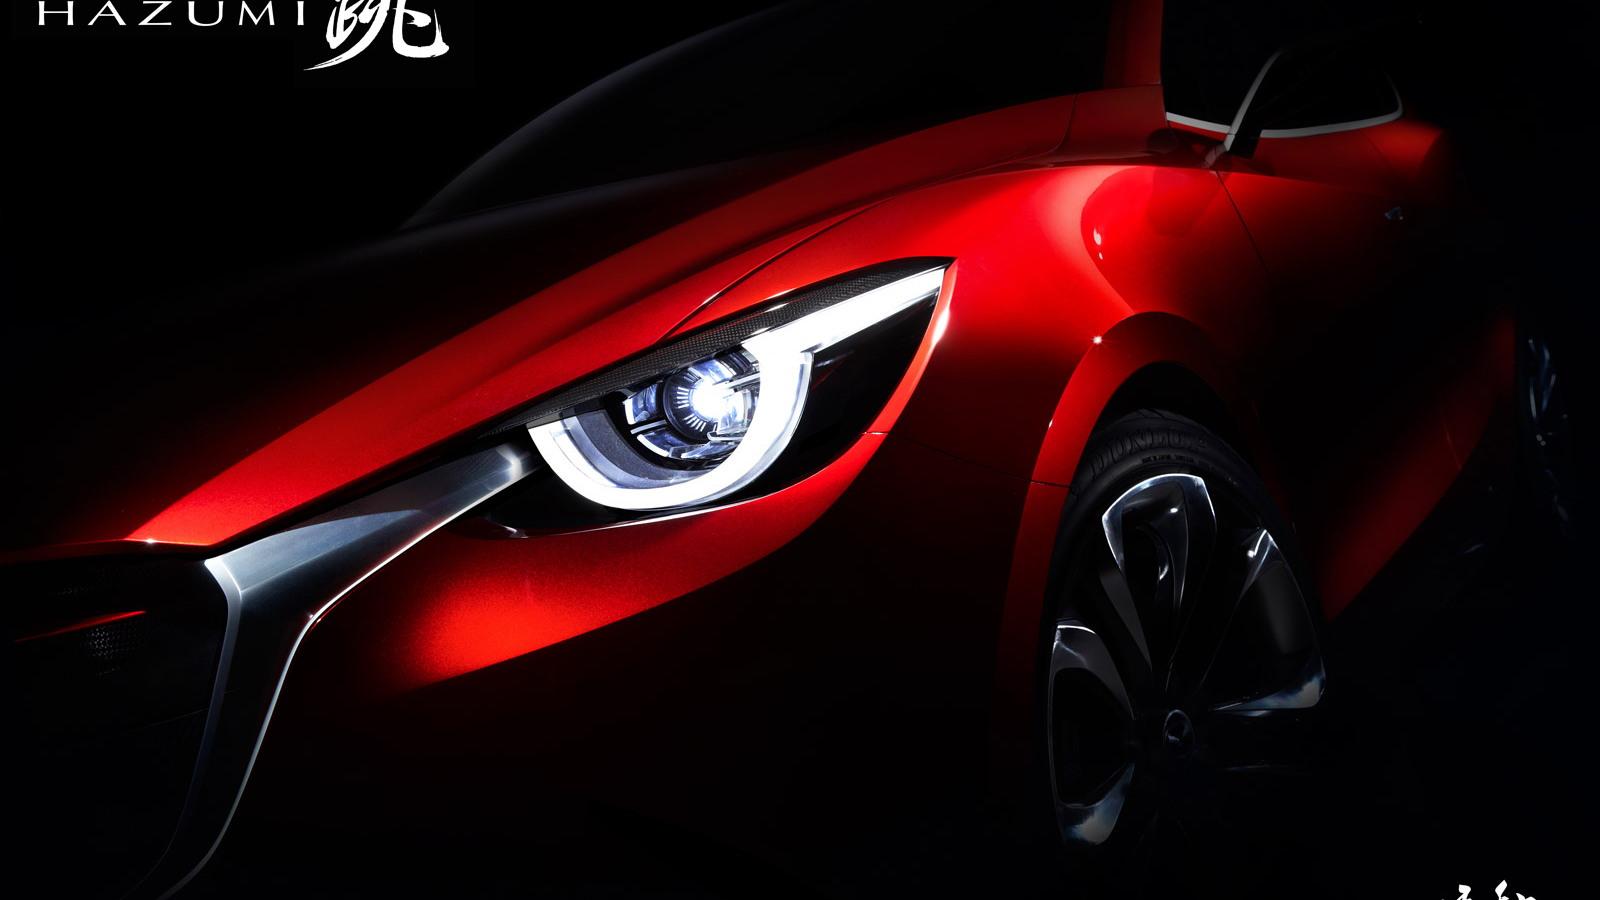 Mazda Hazumi concept, 2014 Geneva Motor Show